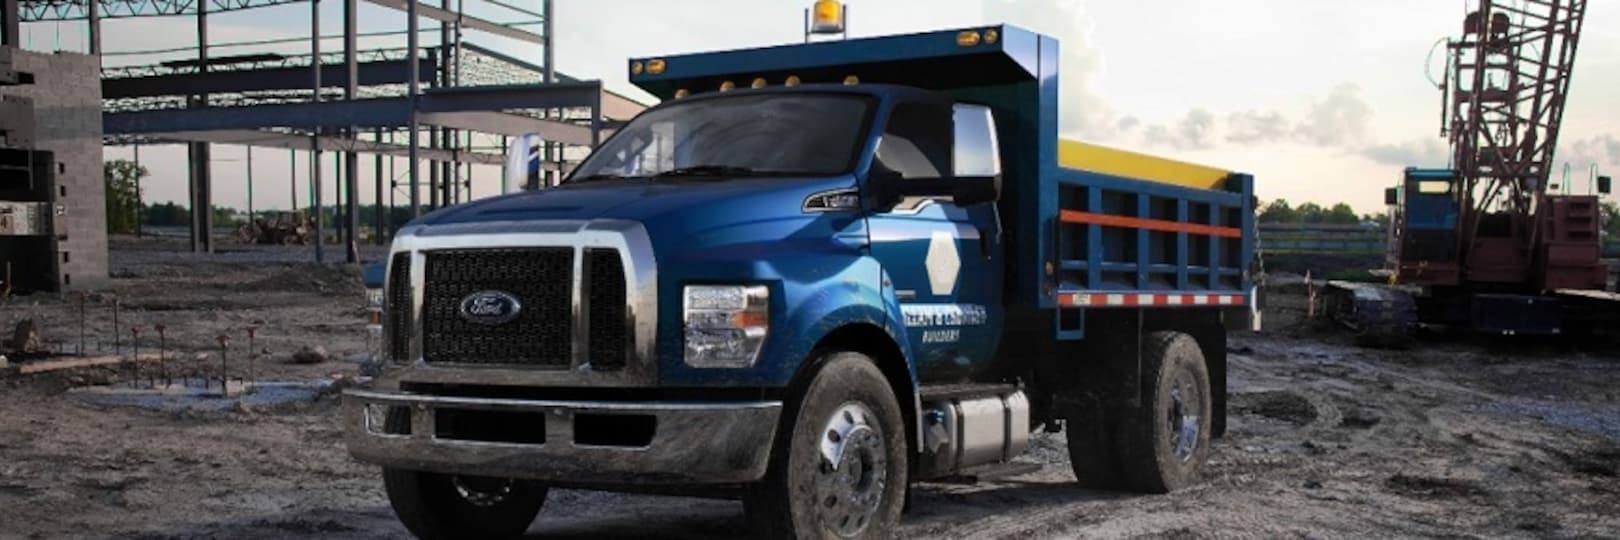 orlando truck parts orange ave best image of truck vrimage co. Black Bedroom Furniture Sets. Home Design Ideas